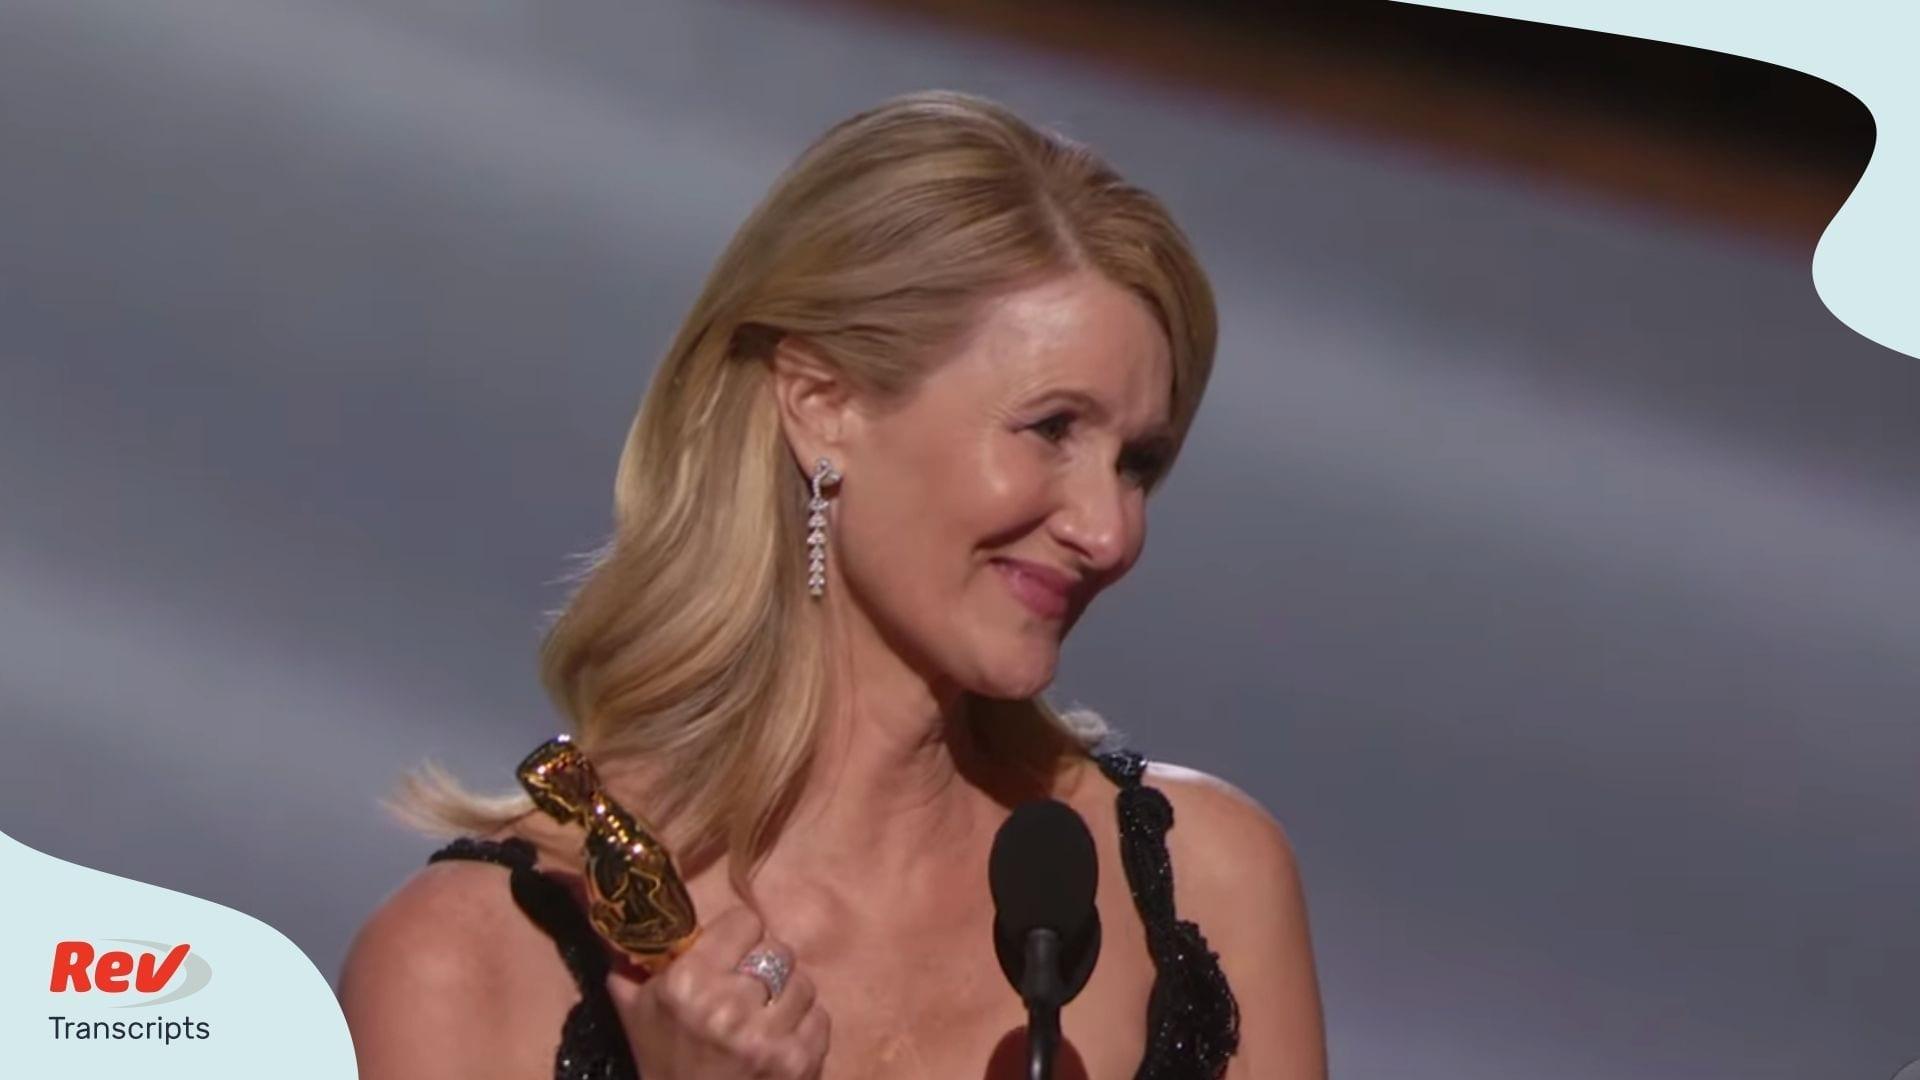 Lauras Dern Academy Awards Acceptance Speech Transcript